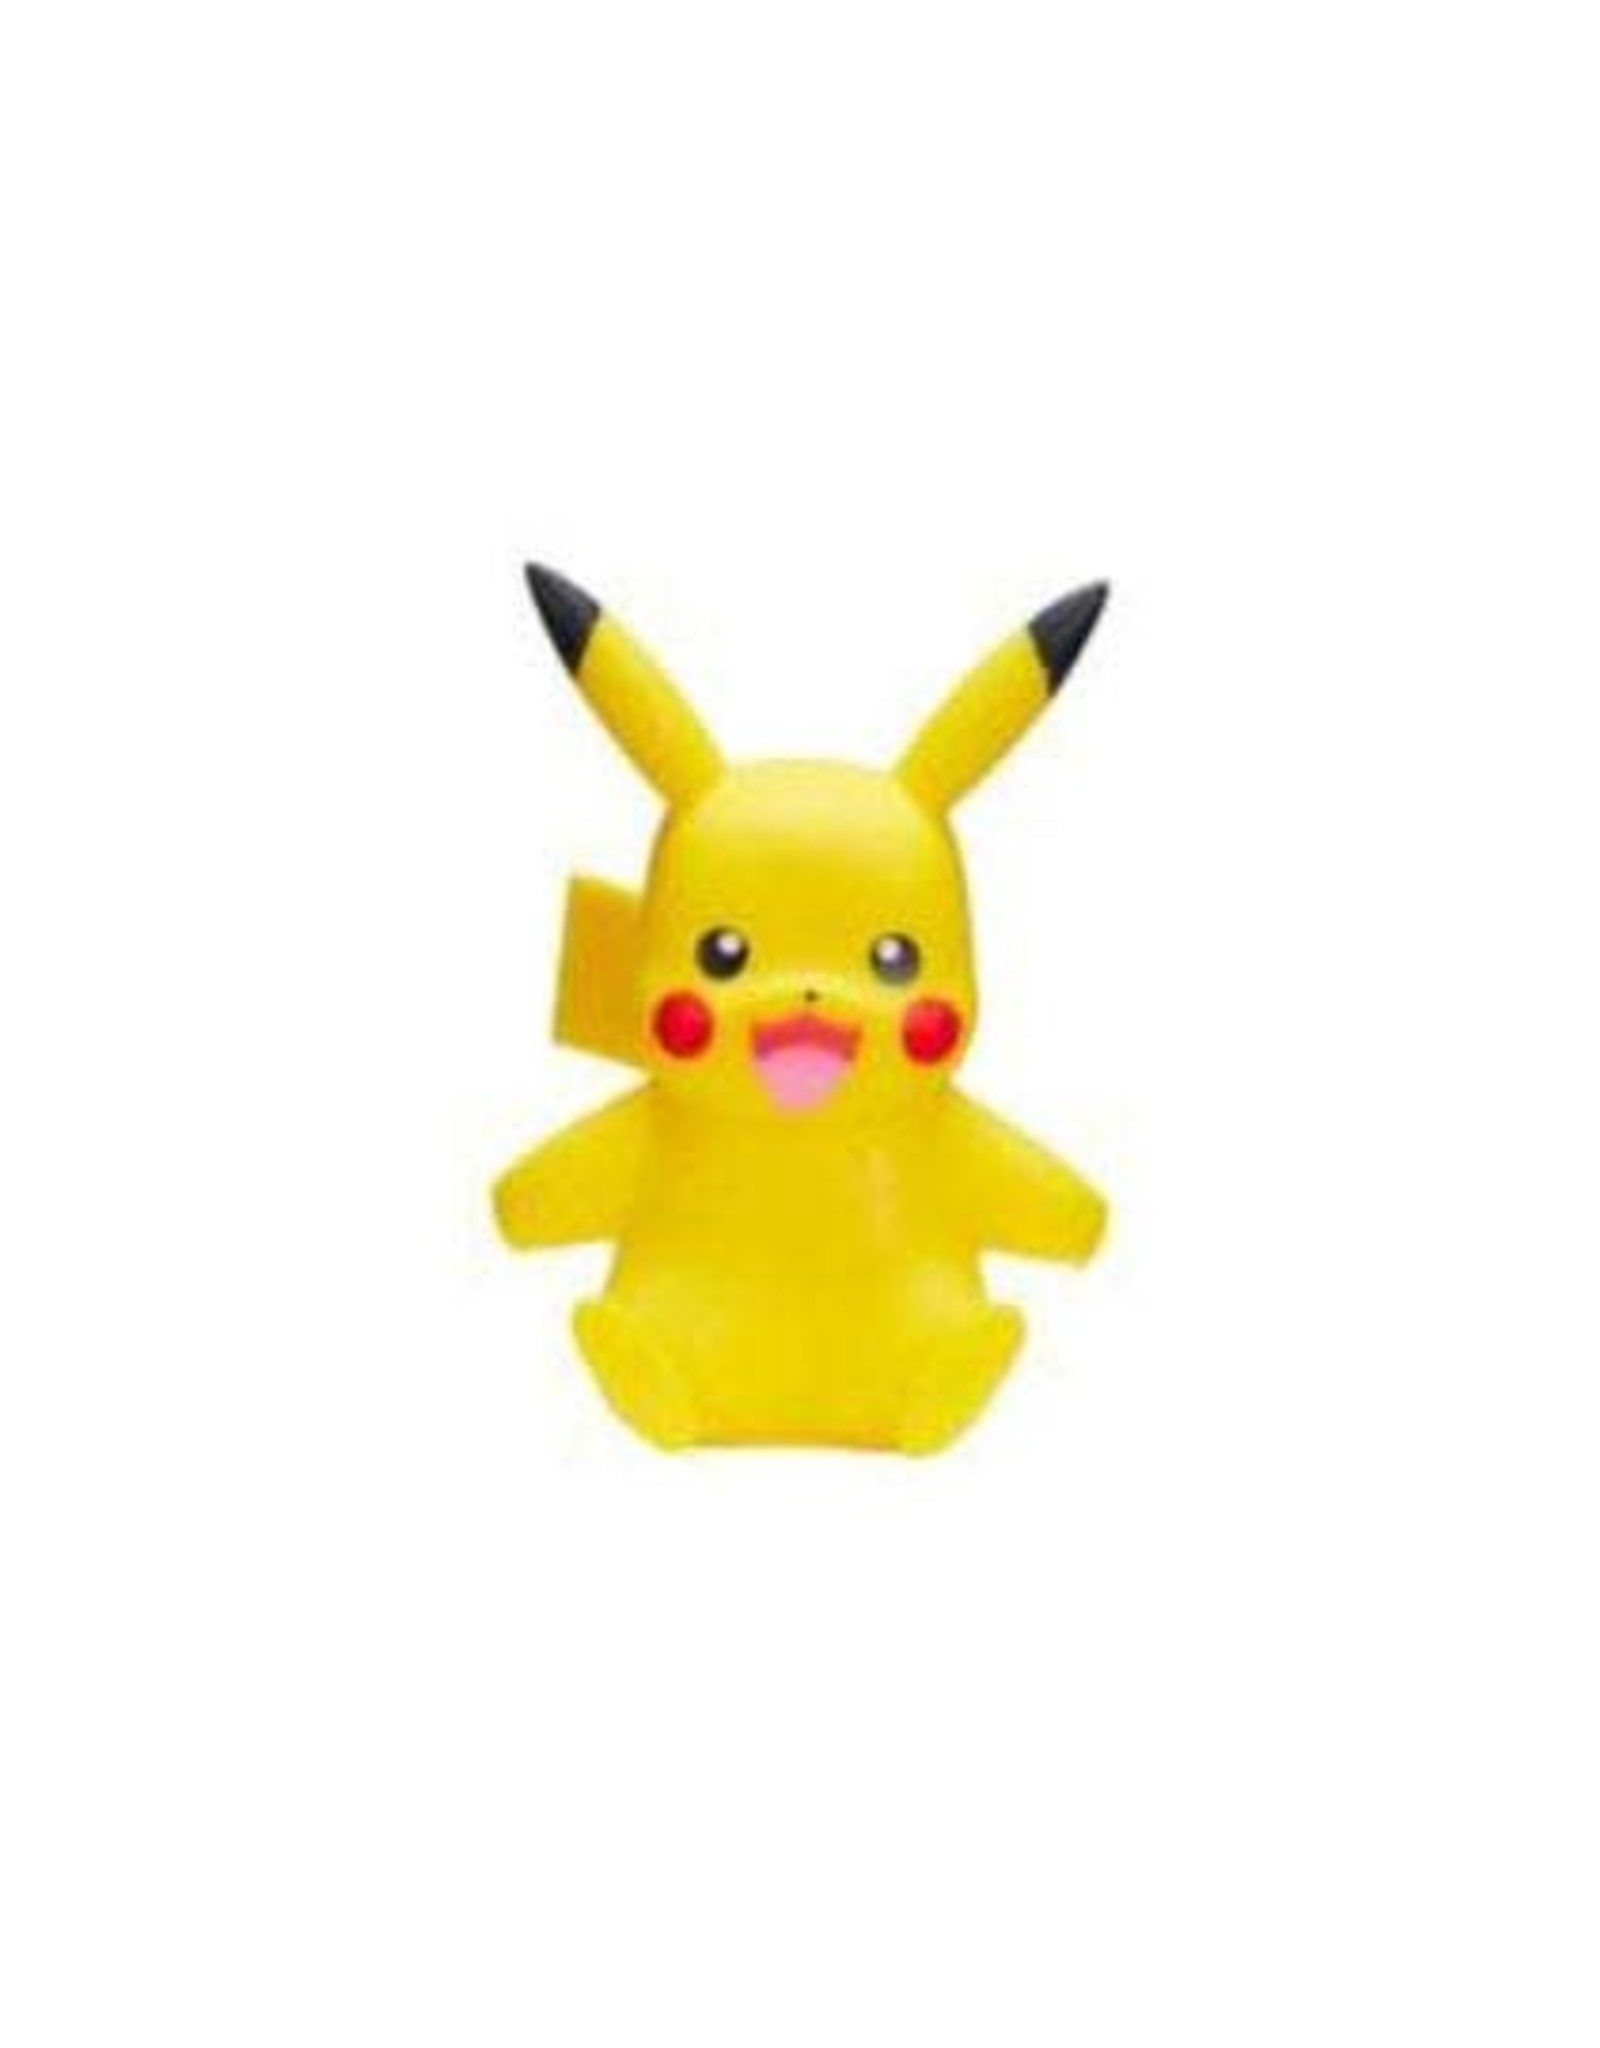 BOTI POKEMON Vinyl Figure 10 cm Kanto Wave 1 - Pikachu